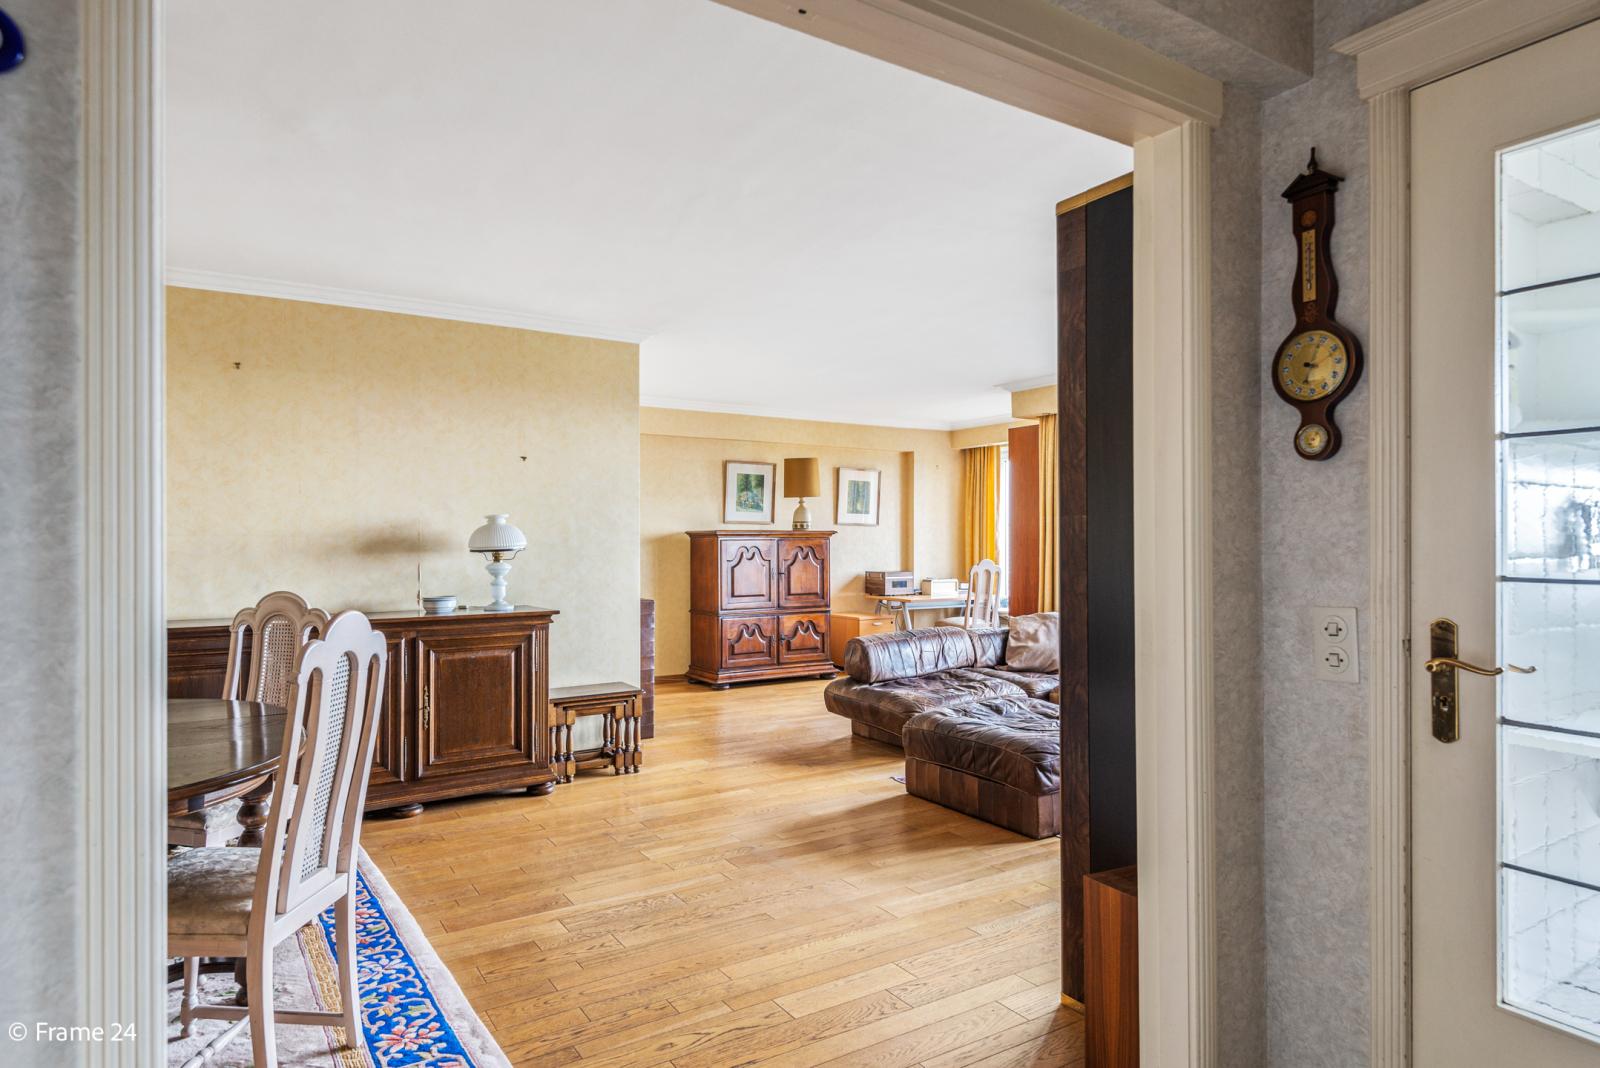 Appartement met 3 slaapkamers op gunstige locatie in Berchem. afbeelding 2